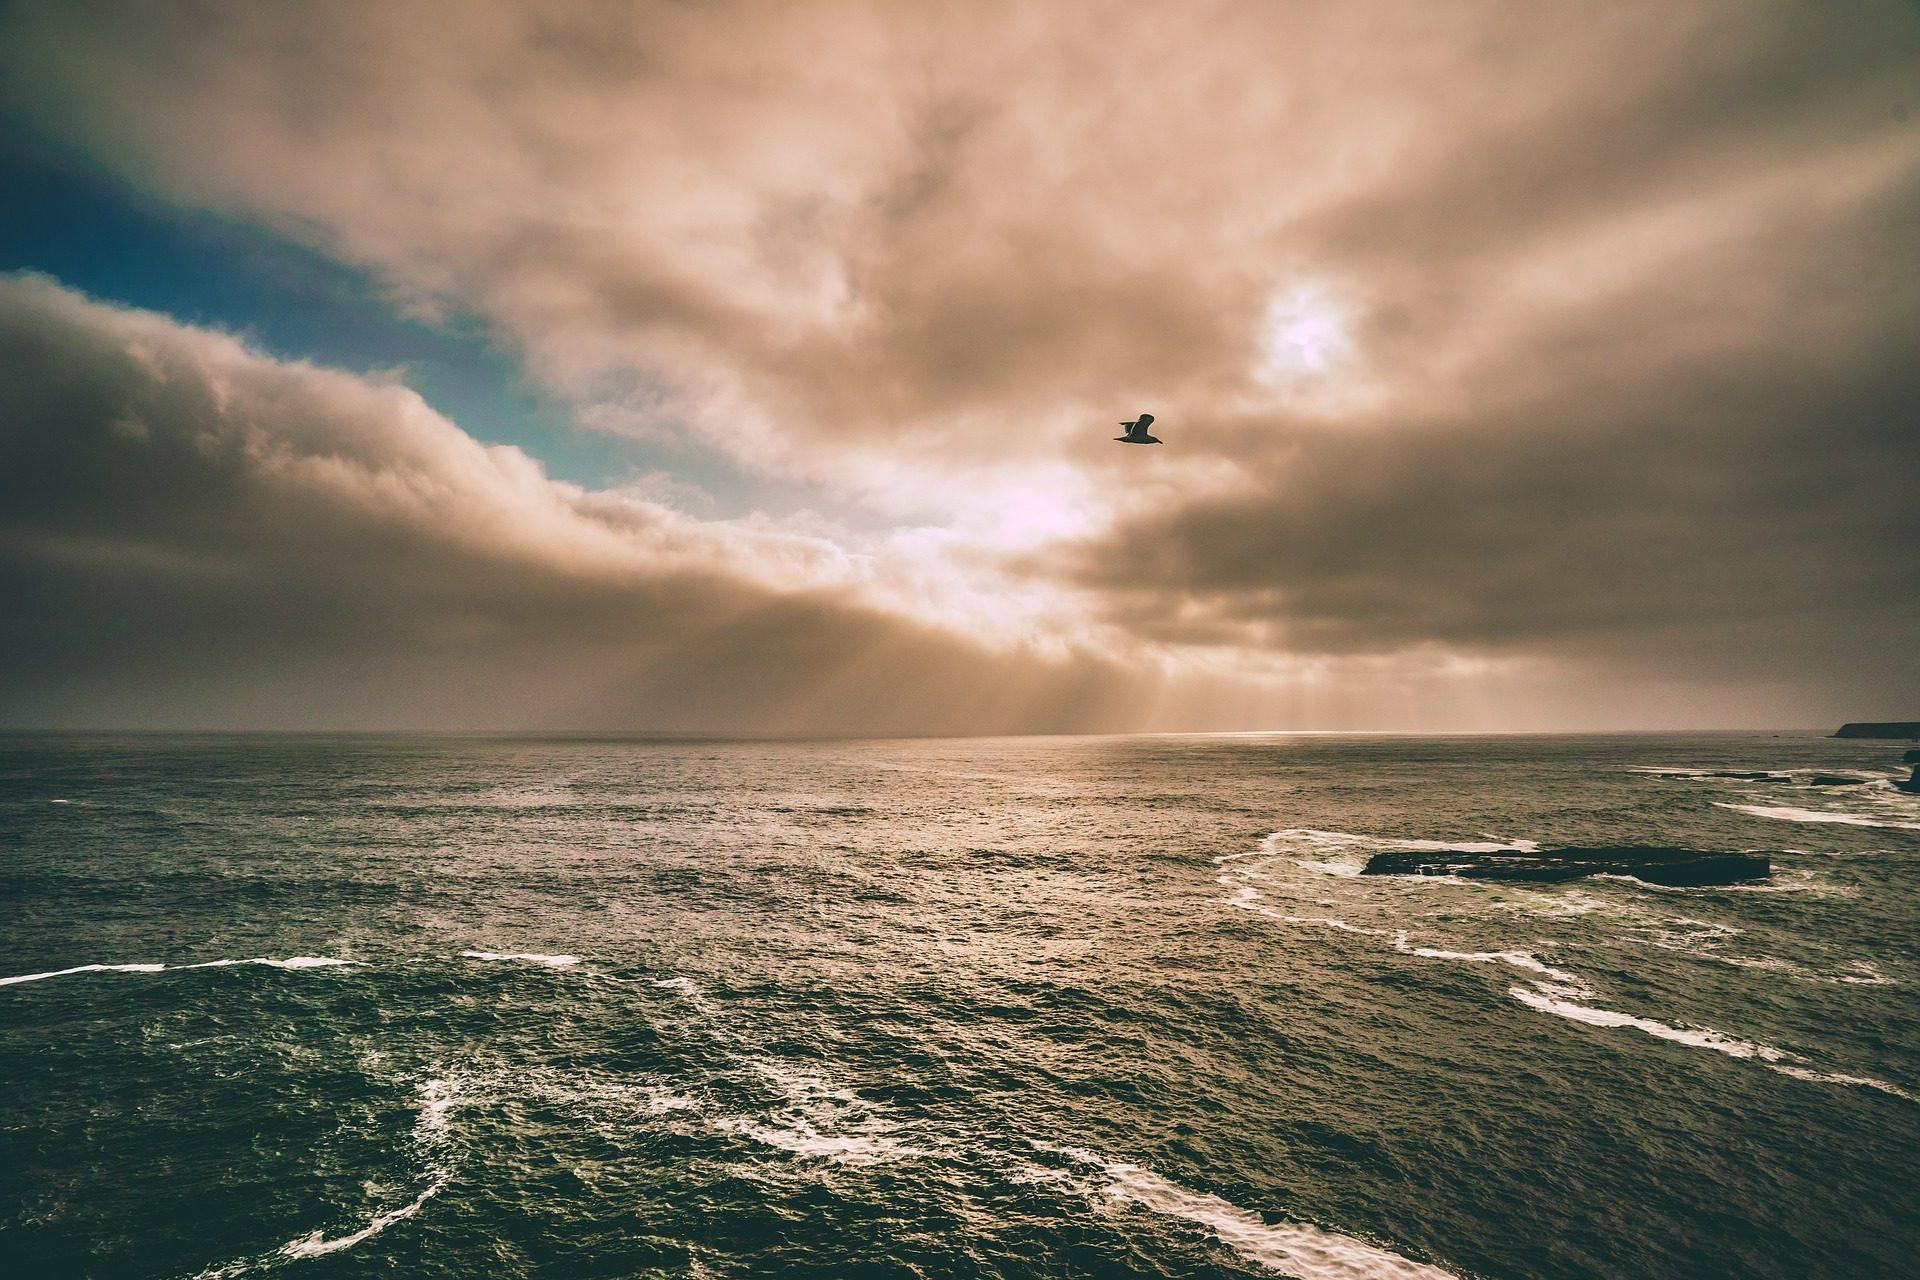 海, 海洋, 云彩, 天空, 海鸥, 浩瀚 - 高清壁纸 - 教授-falken.com